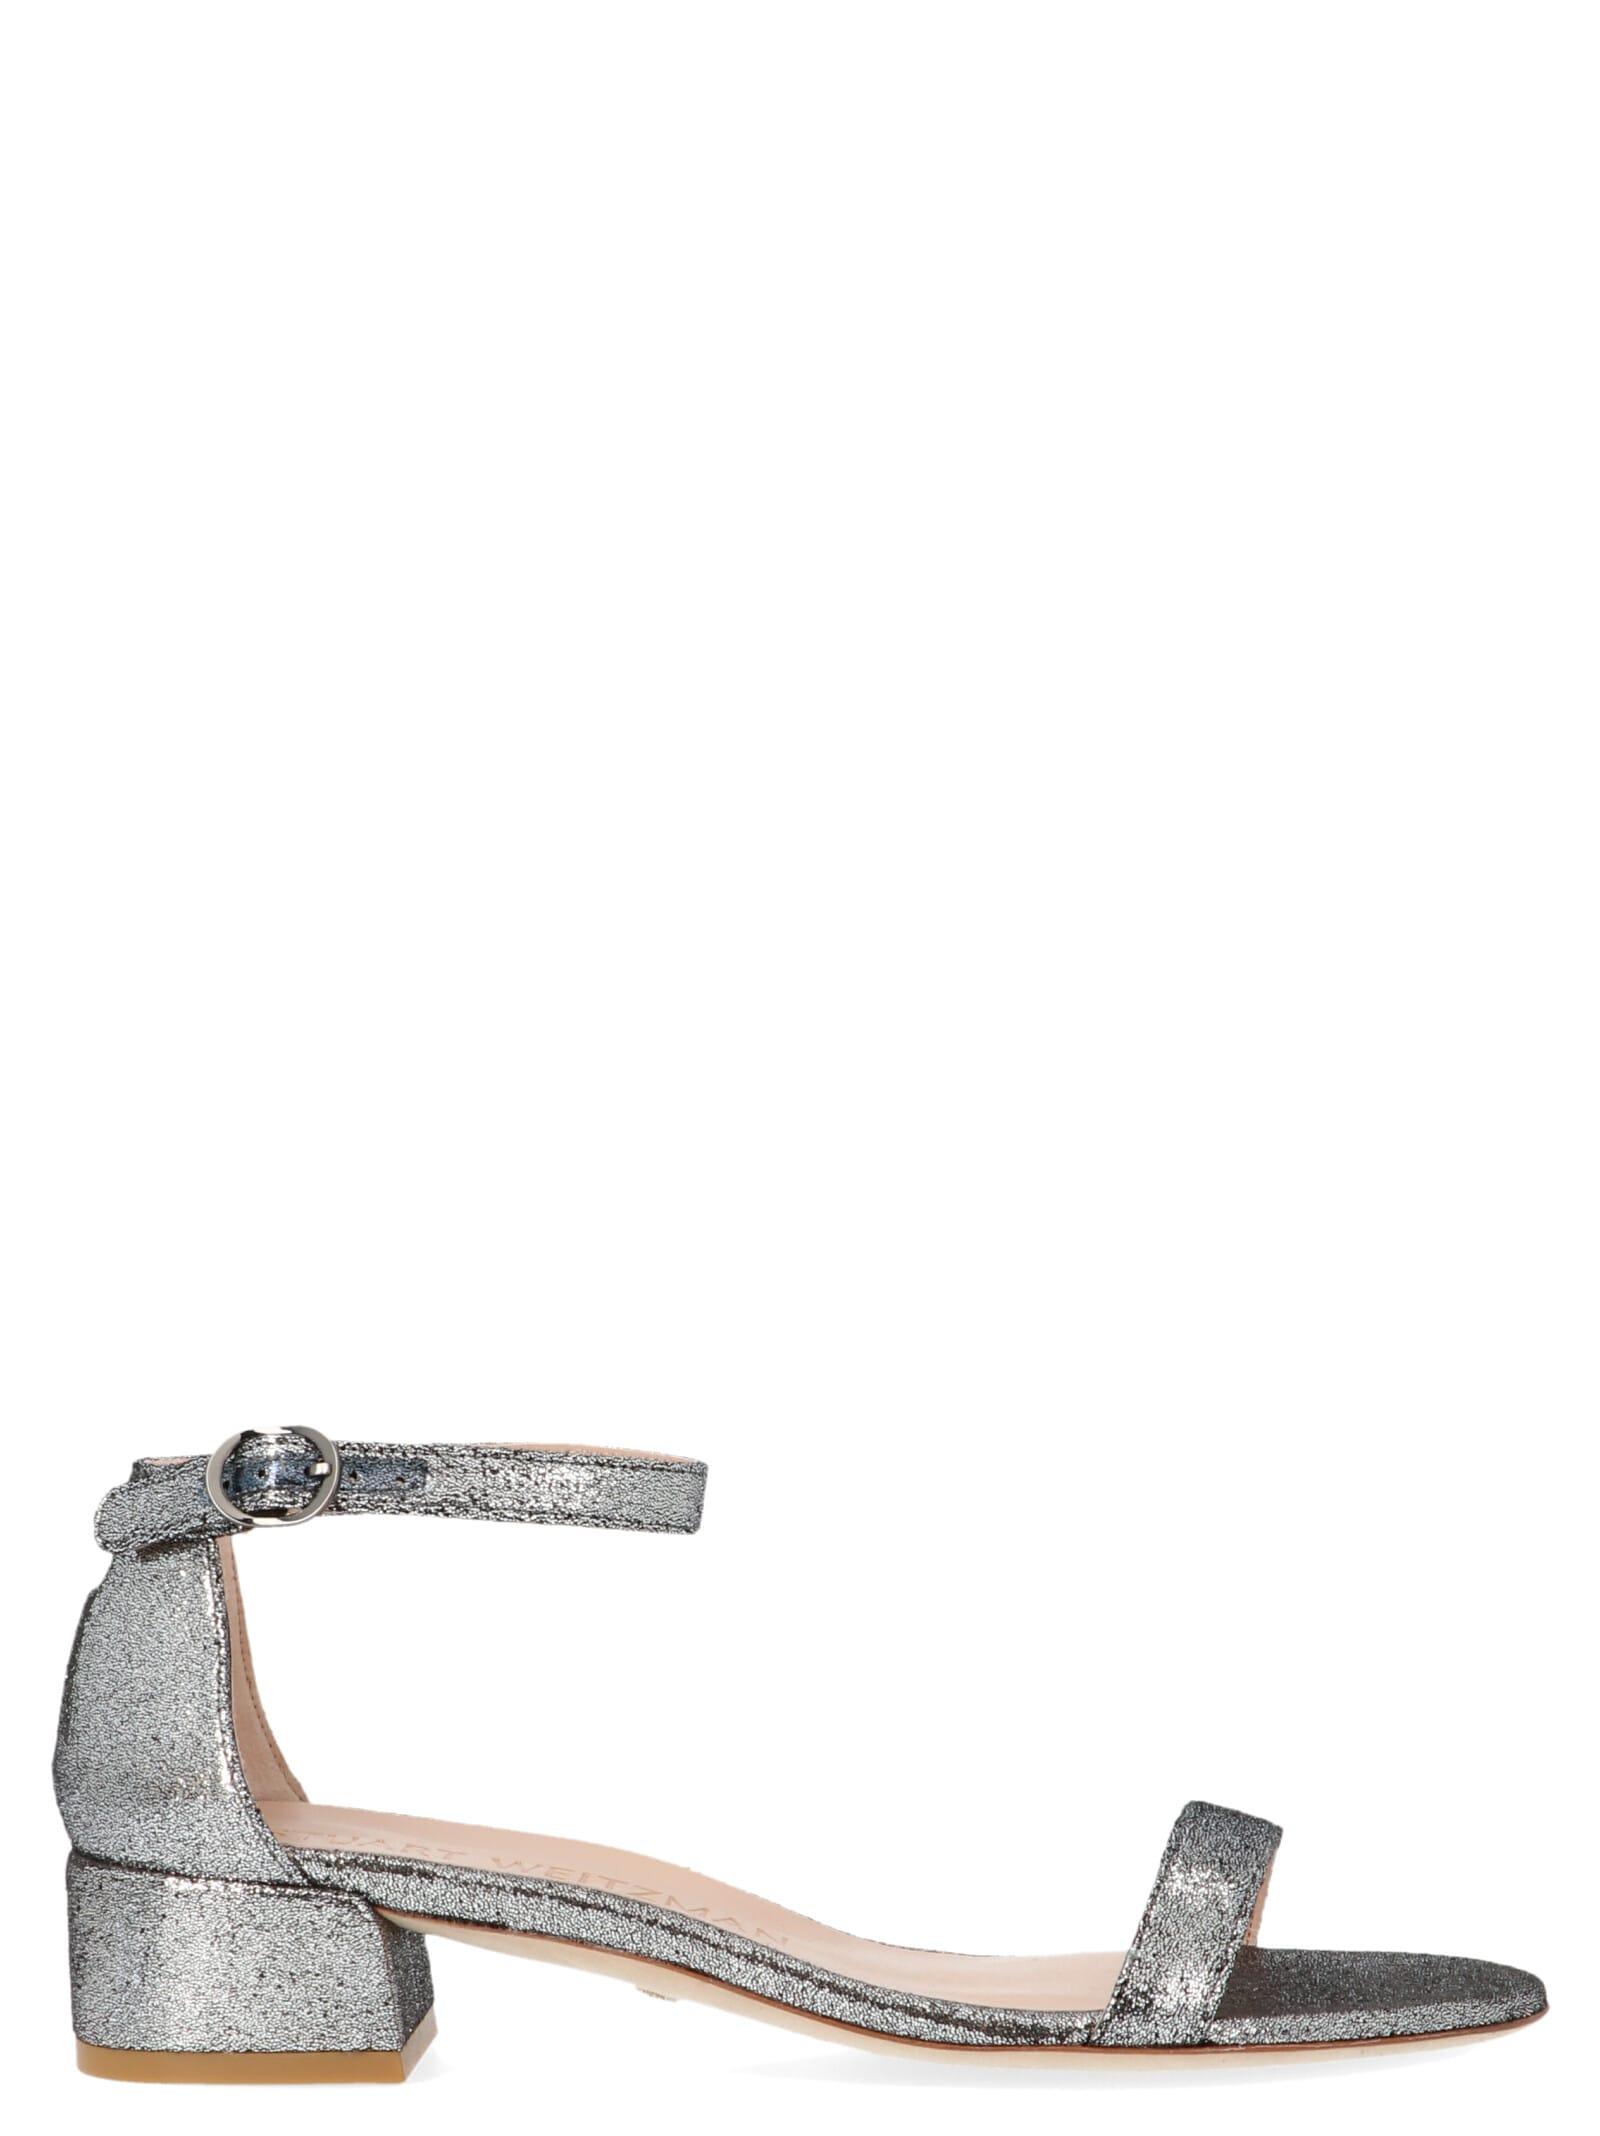 Stuart Weitzman Nudistjune Shoes